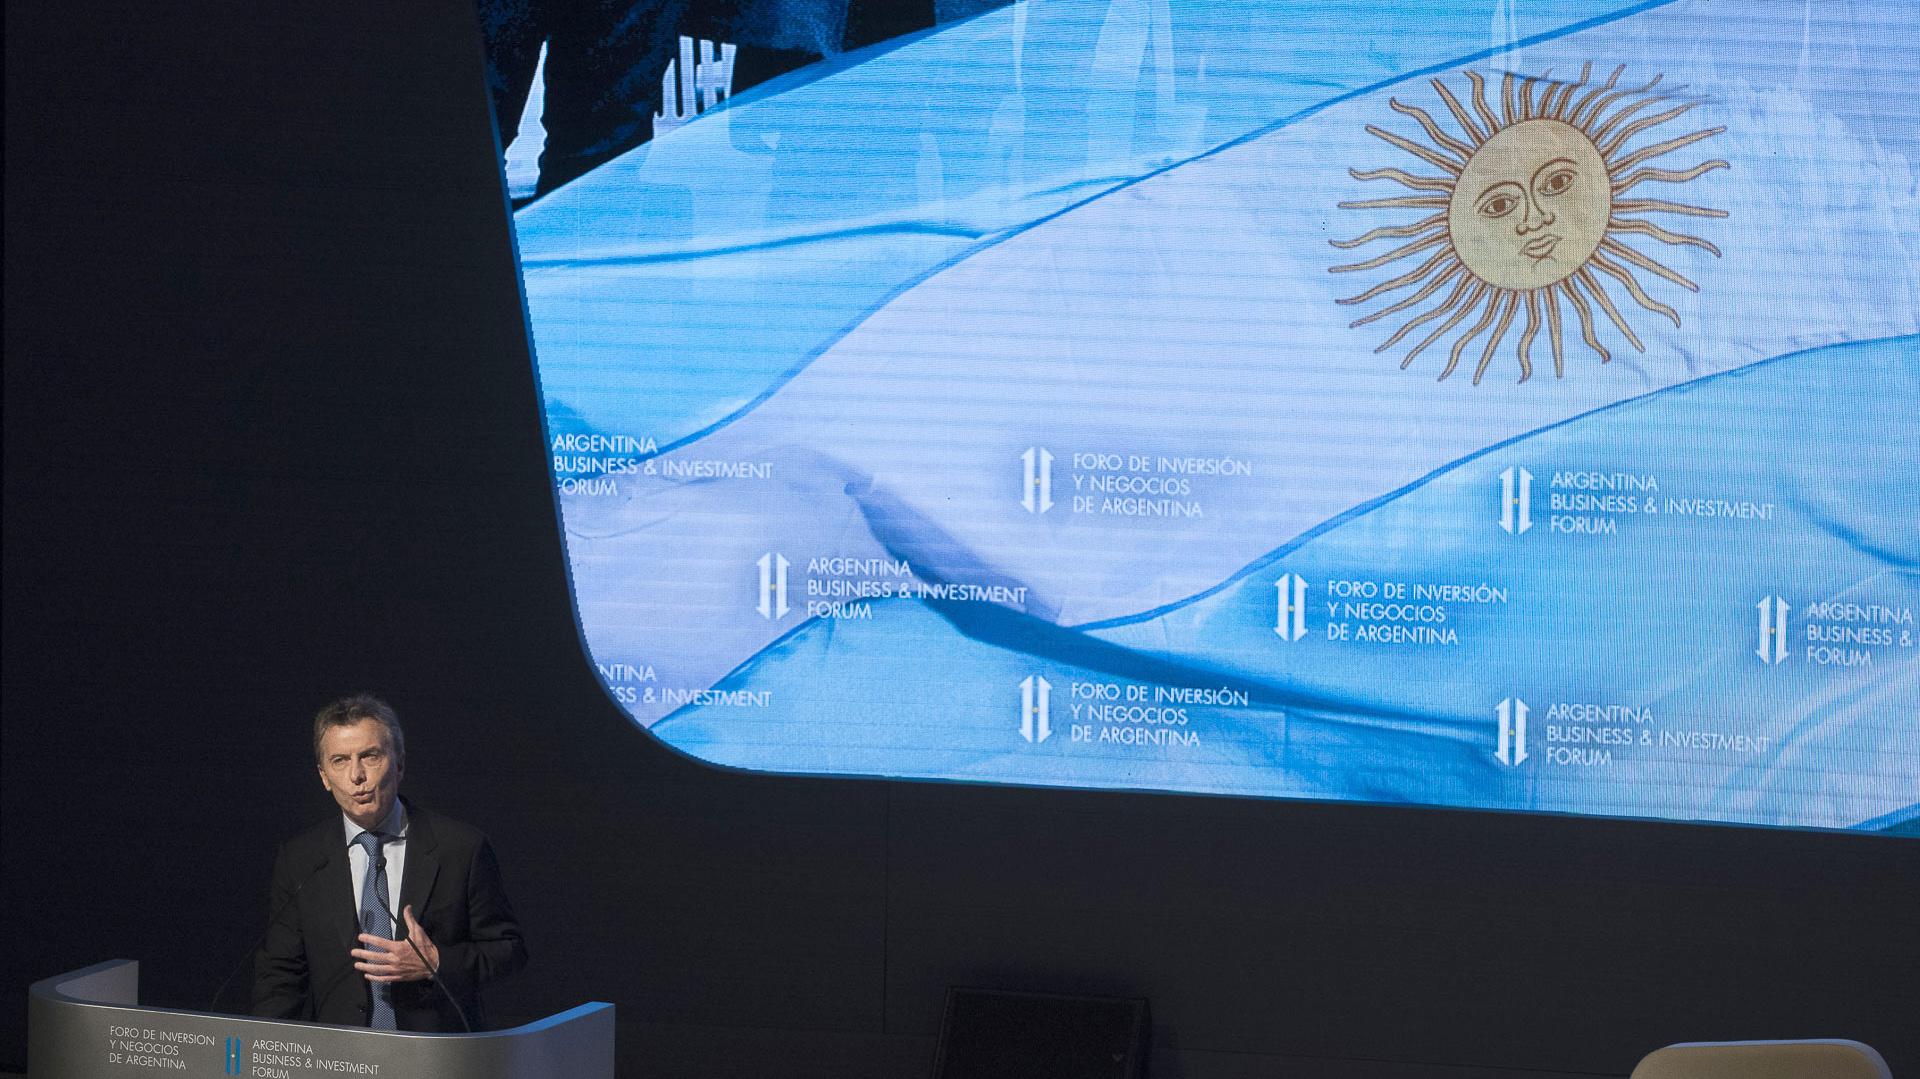 """""""Su confianza y su presencia en el foro ratifican esta nueva etapa que hemos comenzado a recorrer, una etapa en el que el país está nuevamente en marcha, en la que los argentinos nos miramos a nosotros mismos con optimismo y sensatez"""", afirmó el Presidente"""